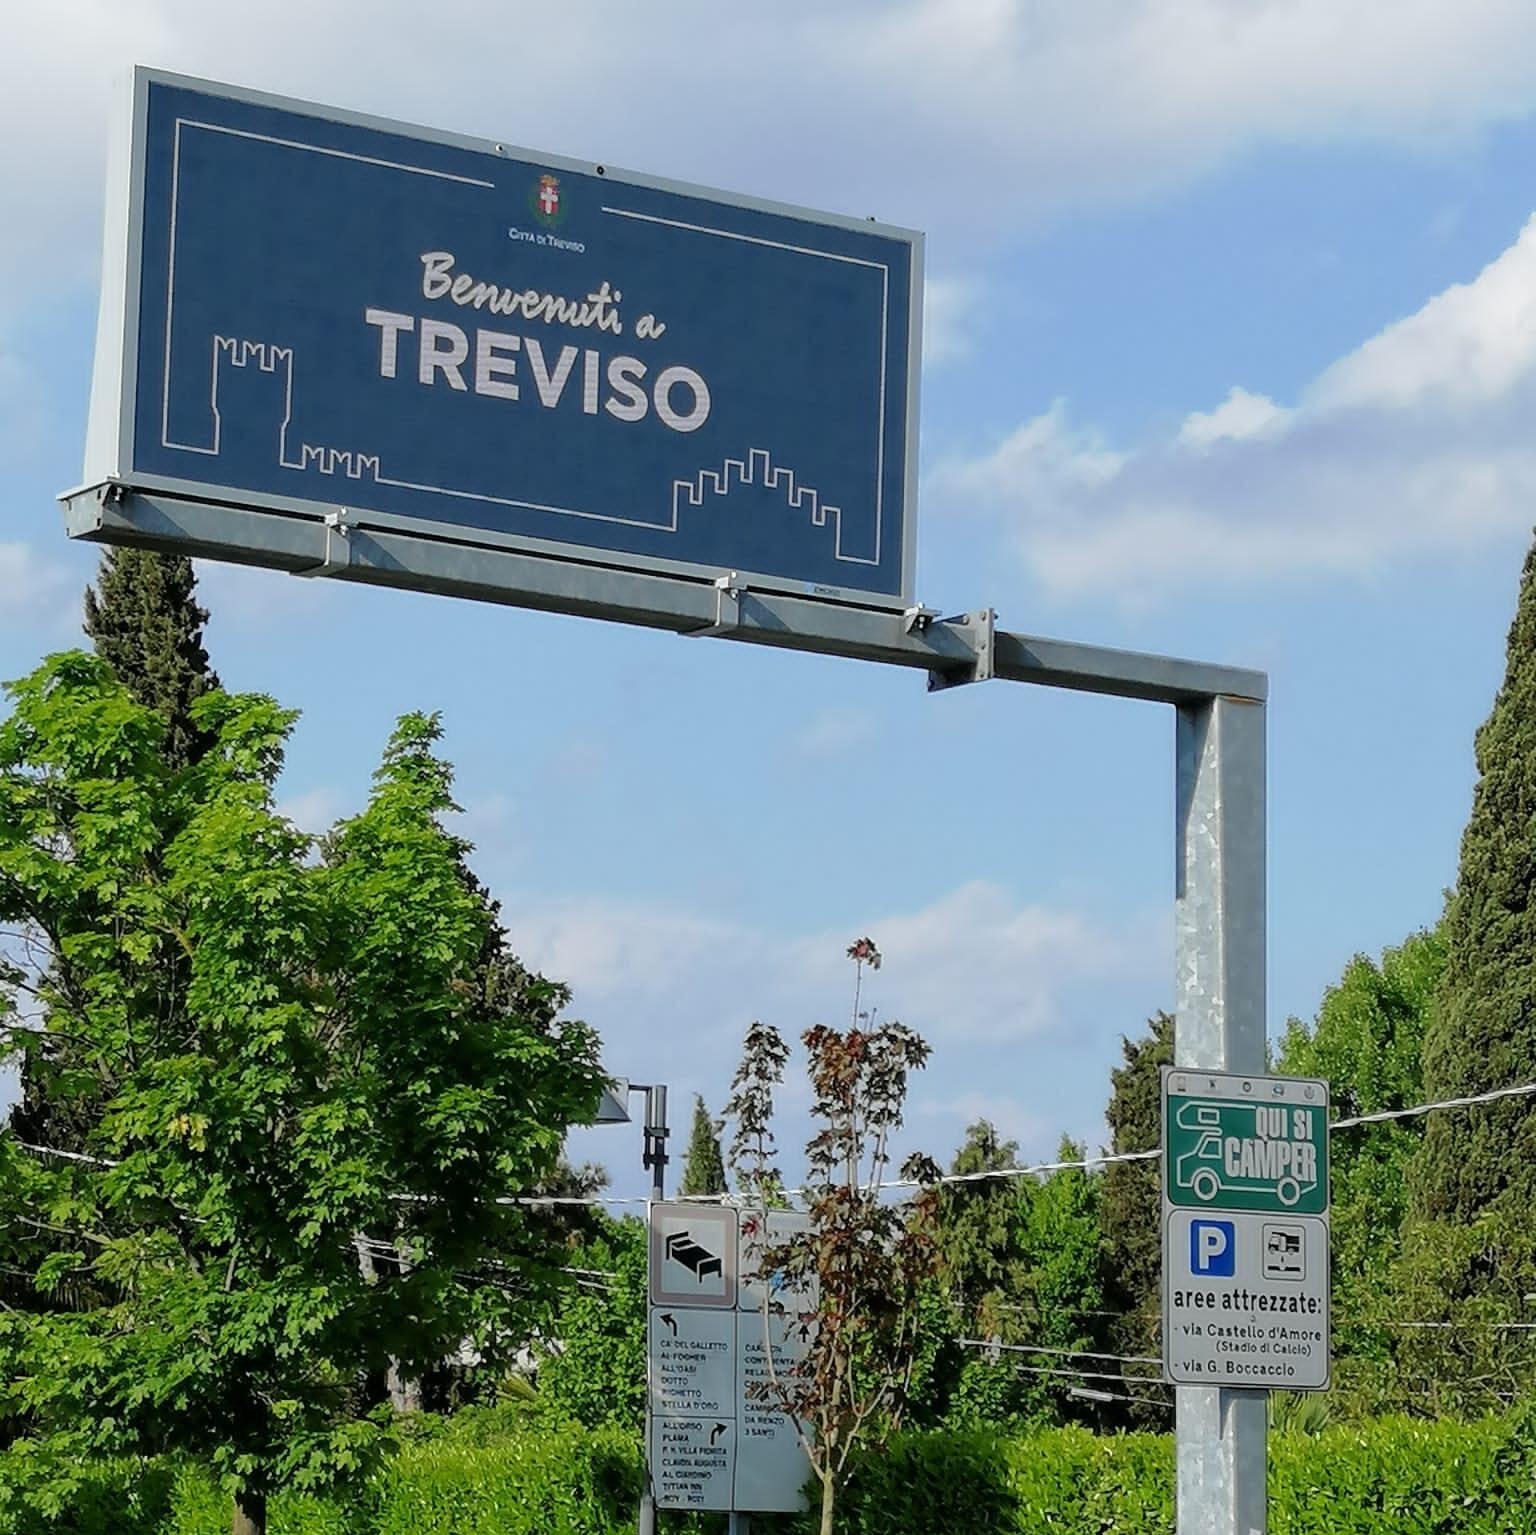 Segnaletica stradale città di Treviso realizzata con LEDWall Absen. Progetto a cura di Emergo srl